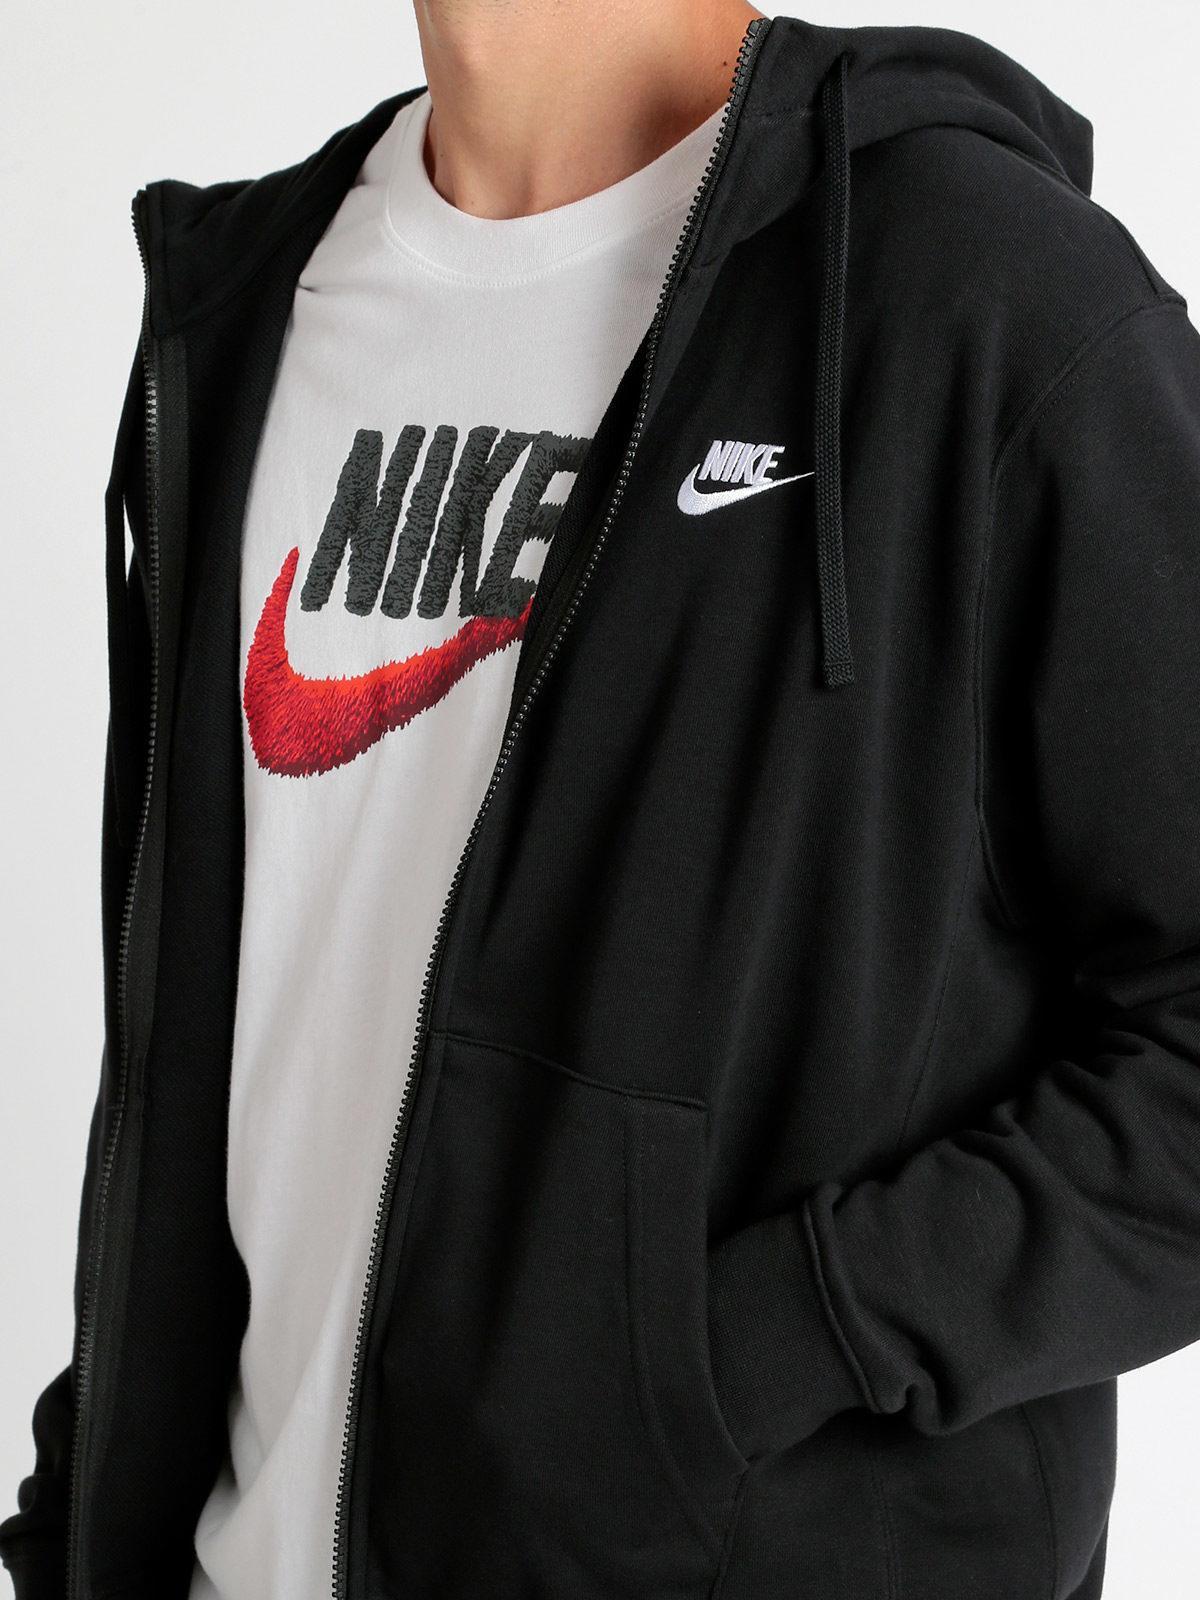 new style 02cd2 cc6ca Sportswear club - Felpa nera full zip con cappuccio nike ...